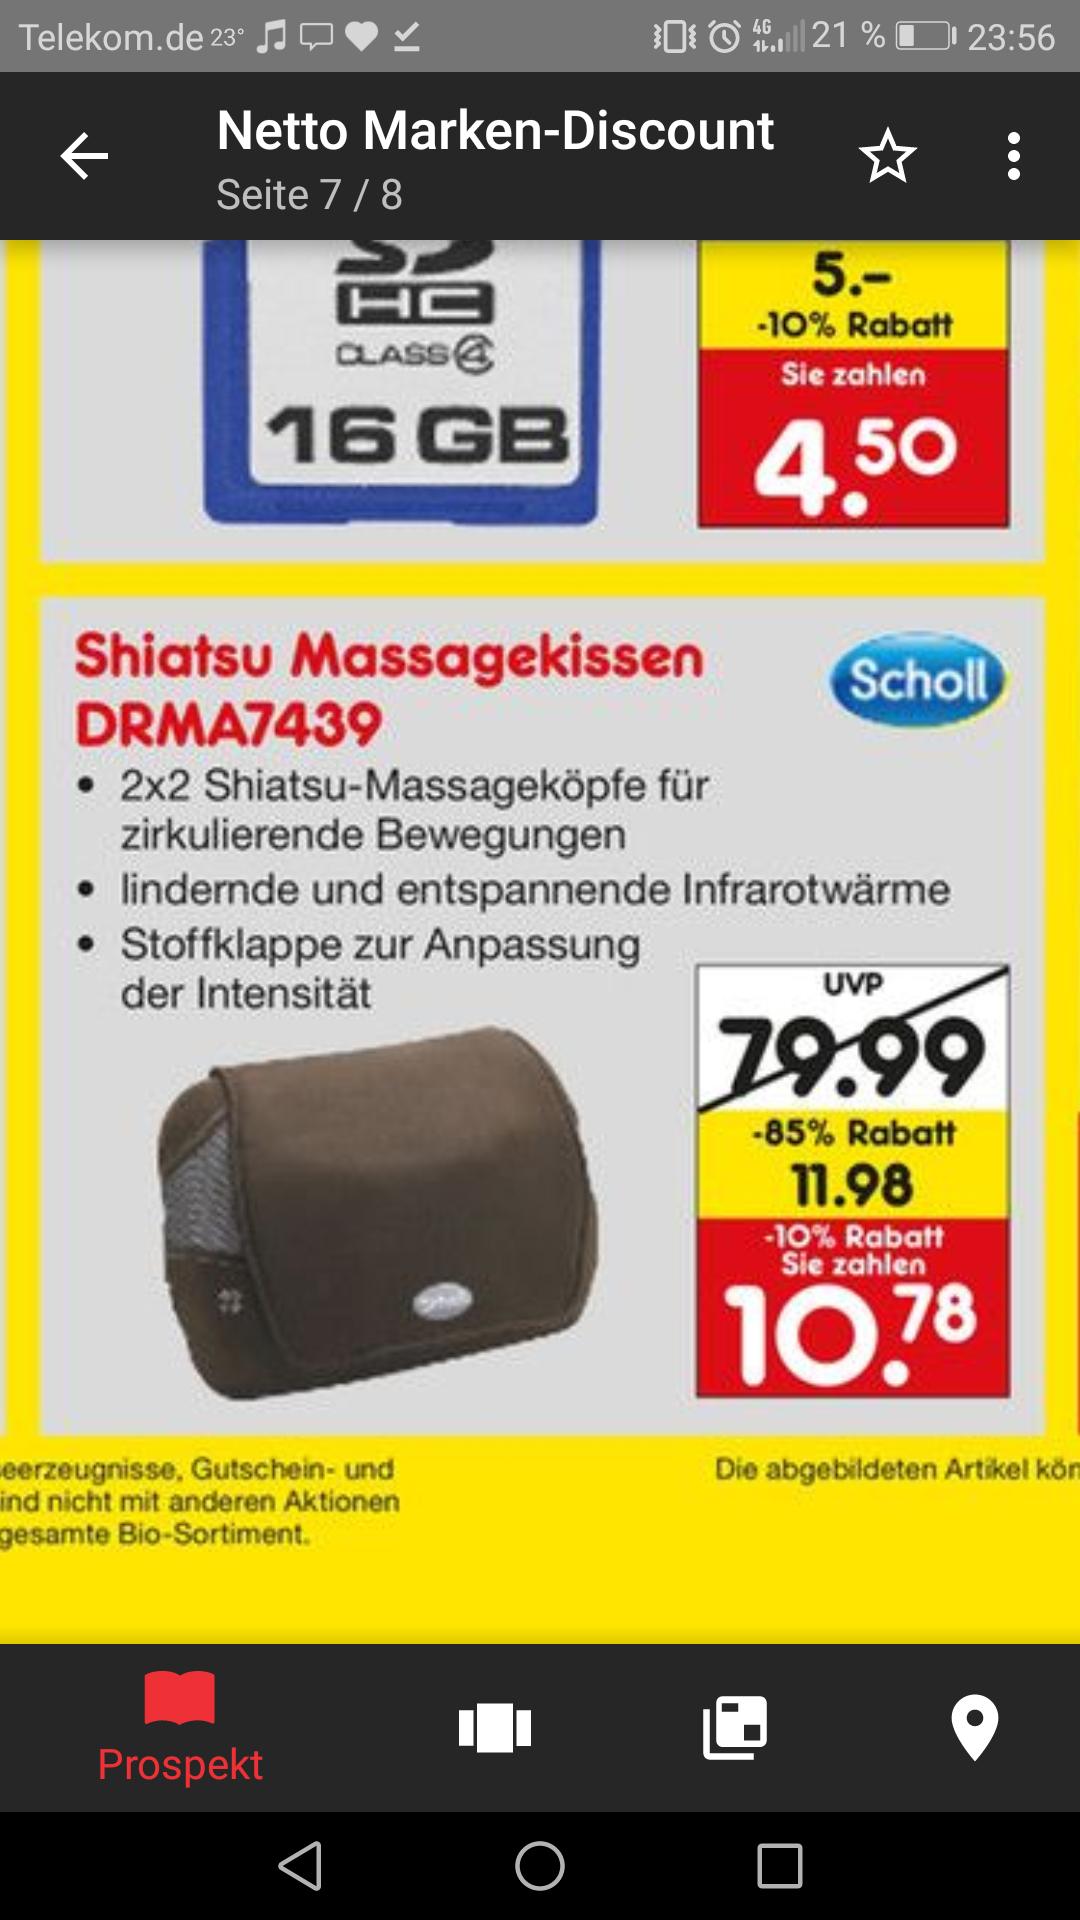 (lokal Essen) Scholl DRMA7439E Shiatsu Massagekissen für 10.78 EUR